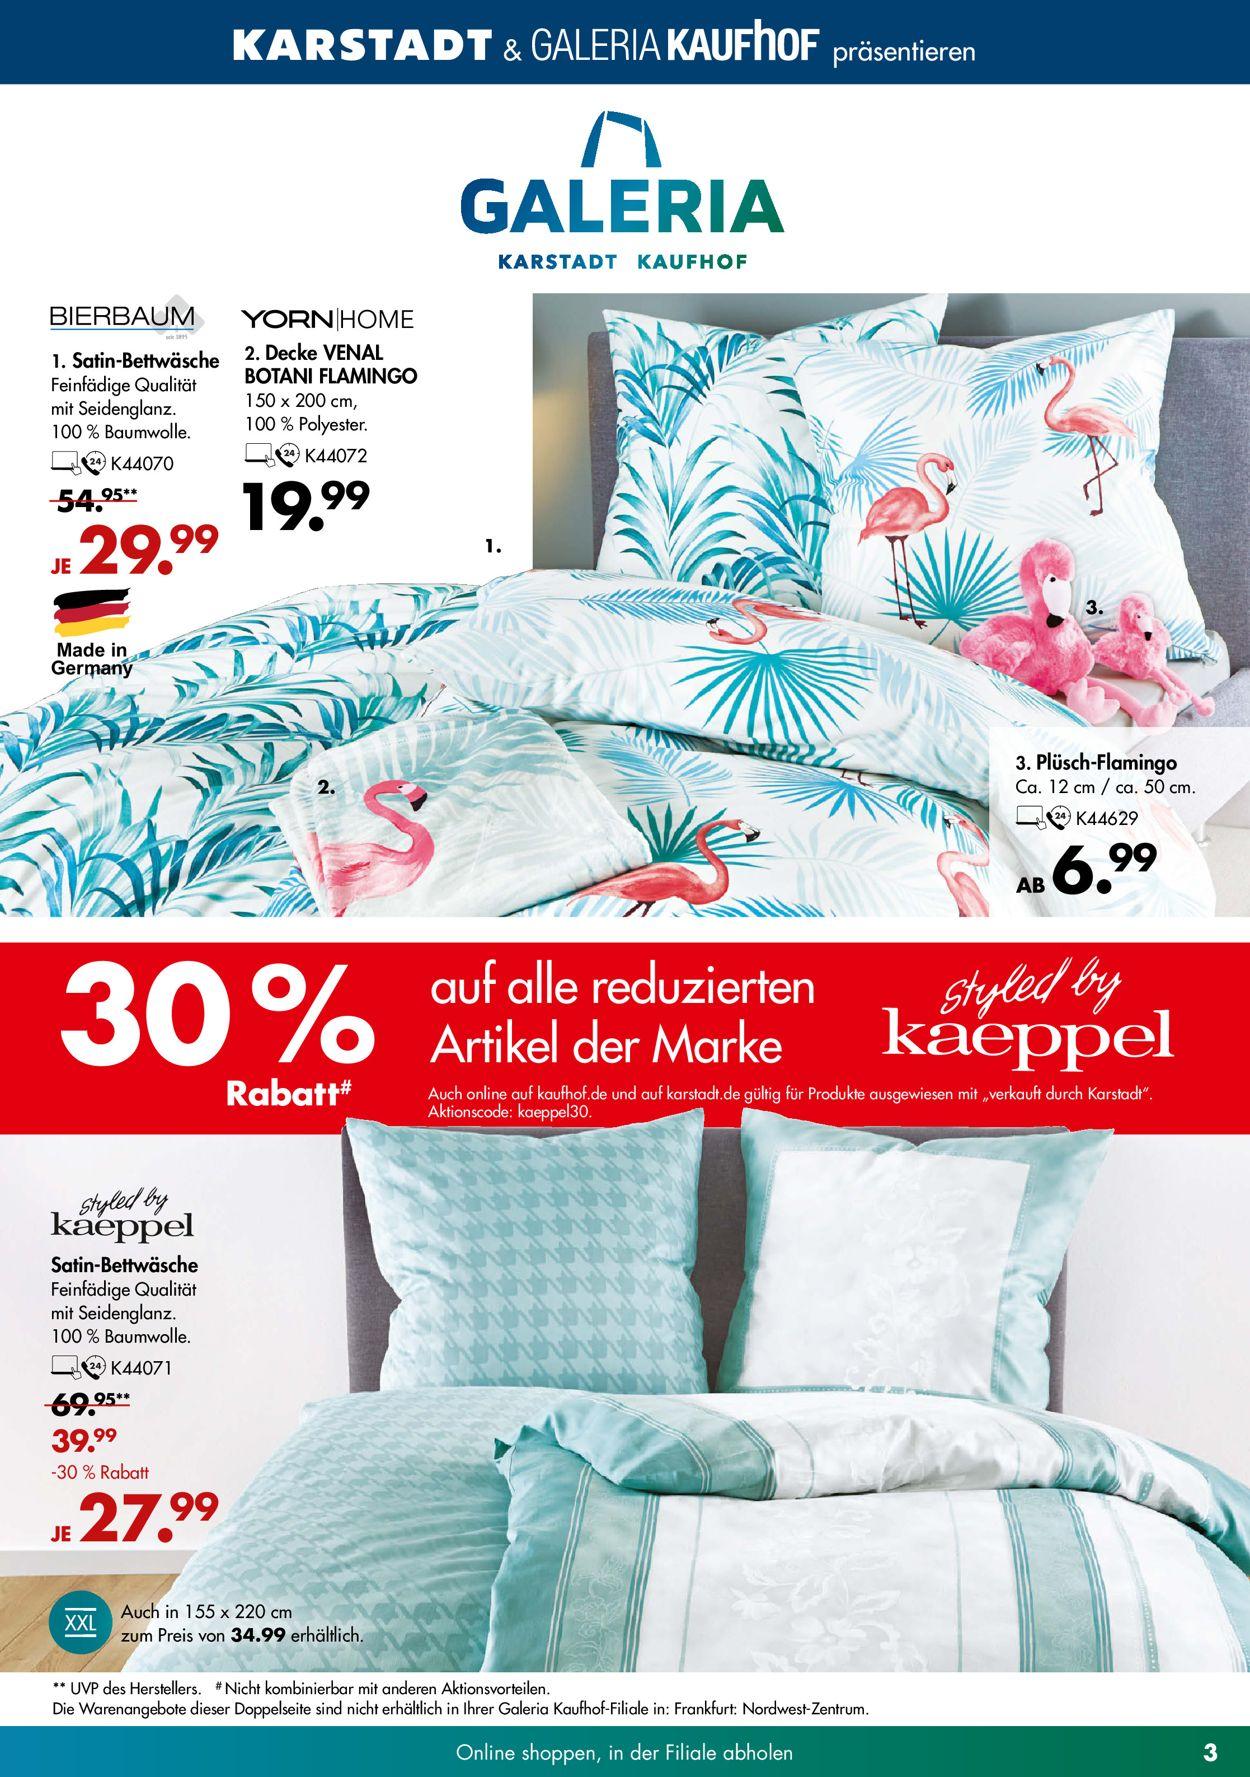 Herrengürtel | Marken Qualität bei GALERIA Karstadt Kaufhof